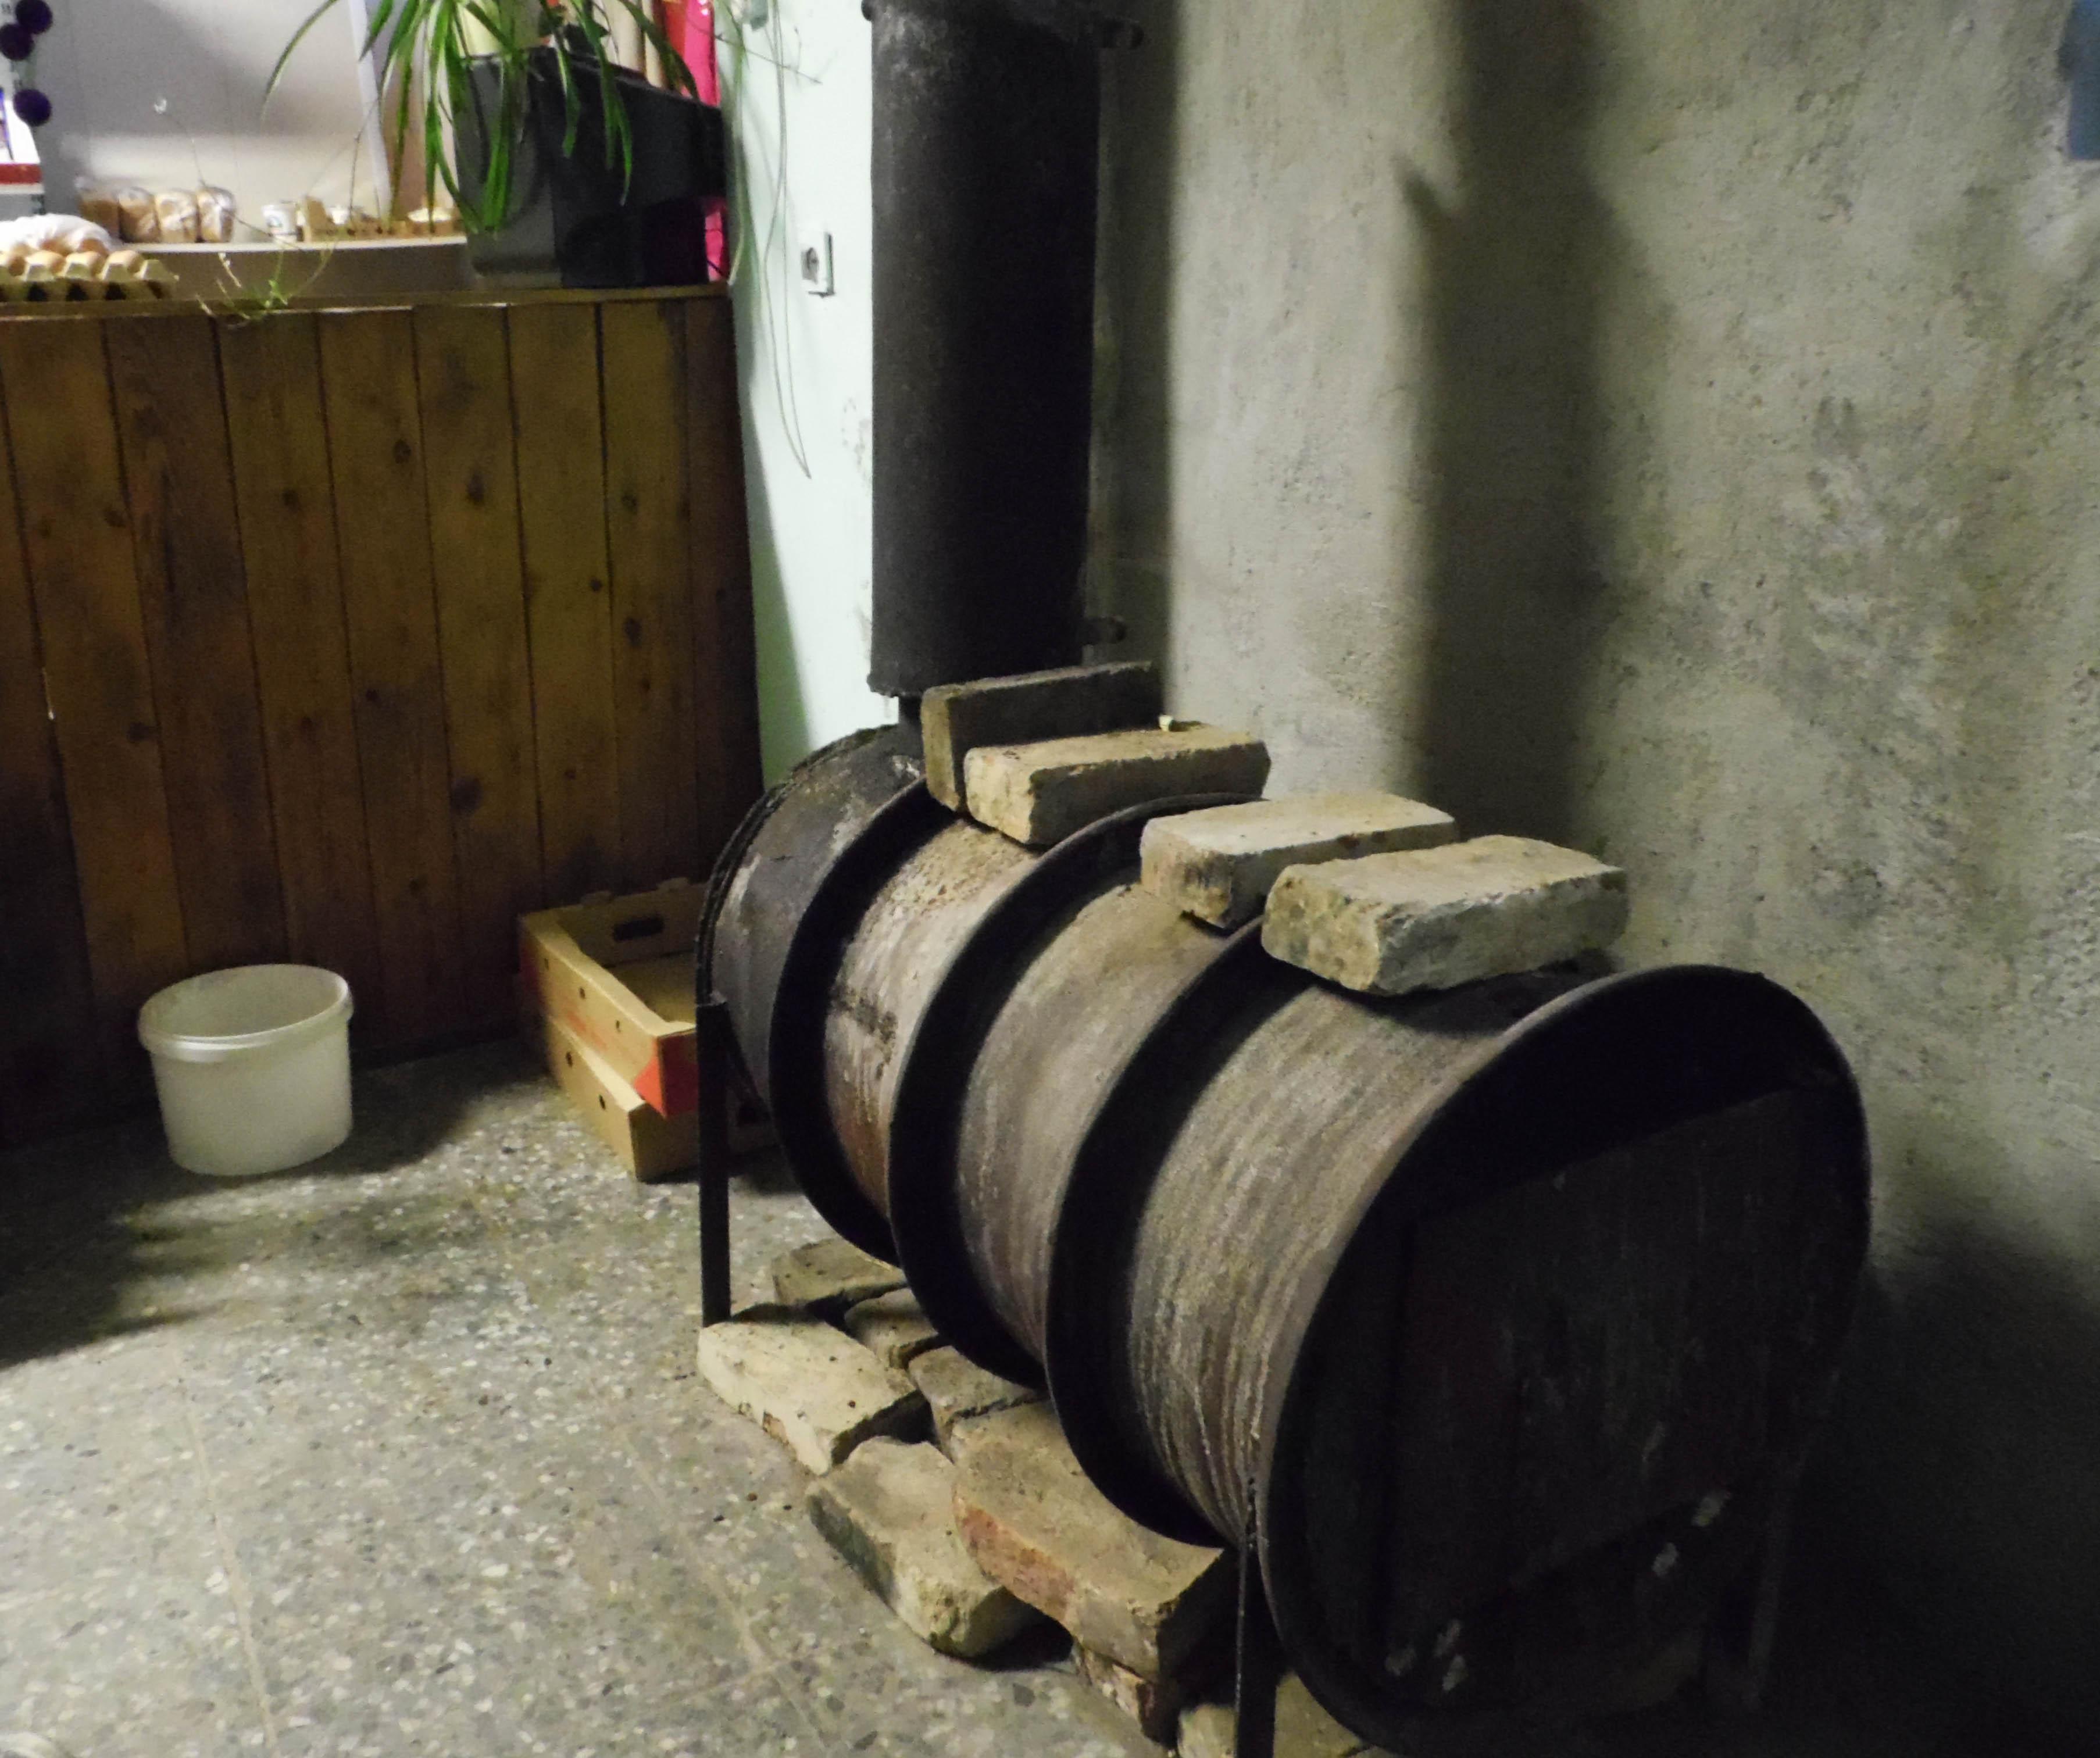 Обогревается малый бизнес печками. Фото: Алексей Владимиров